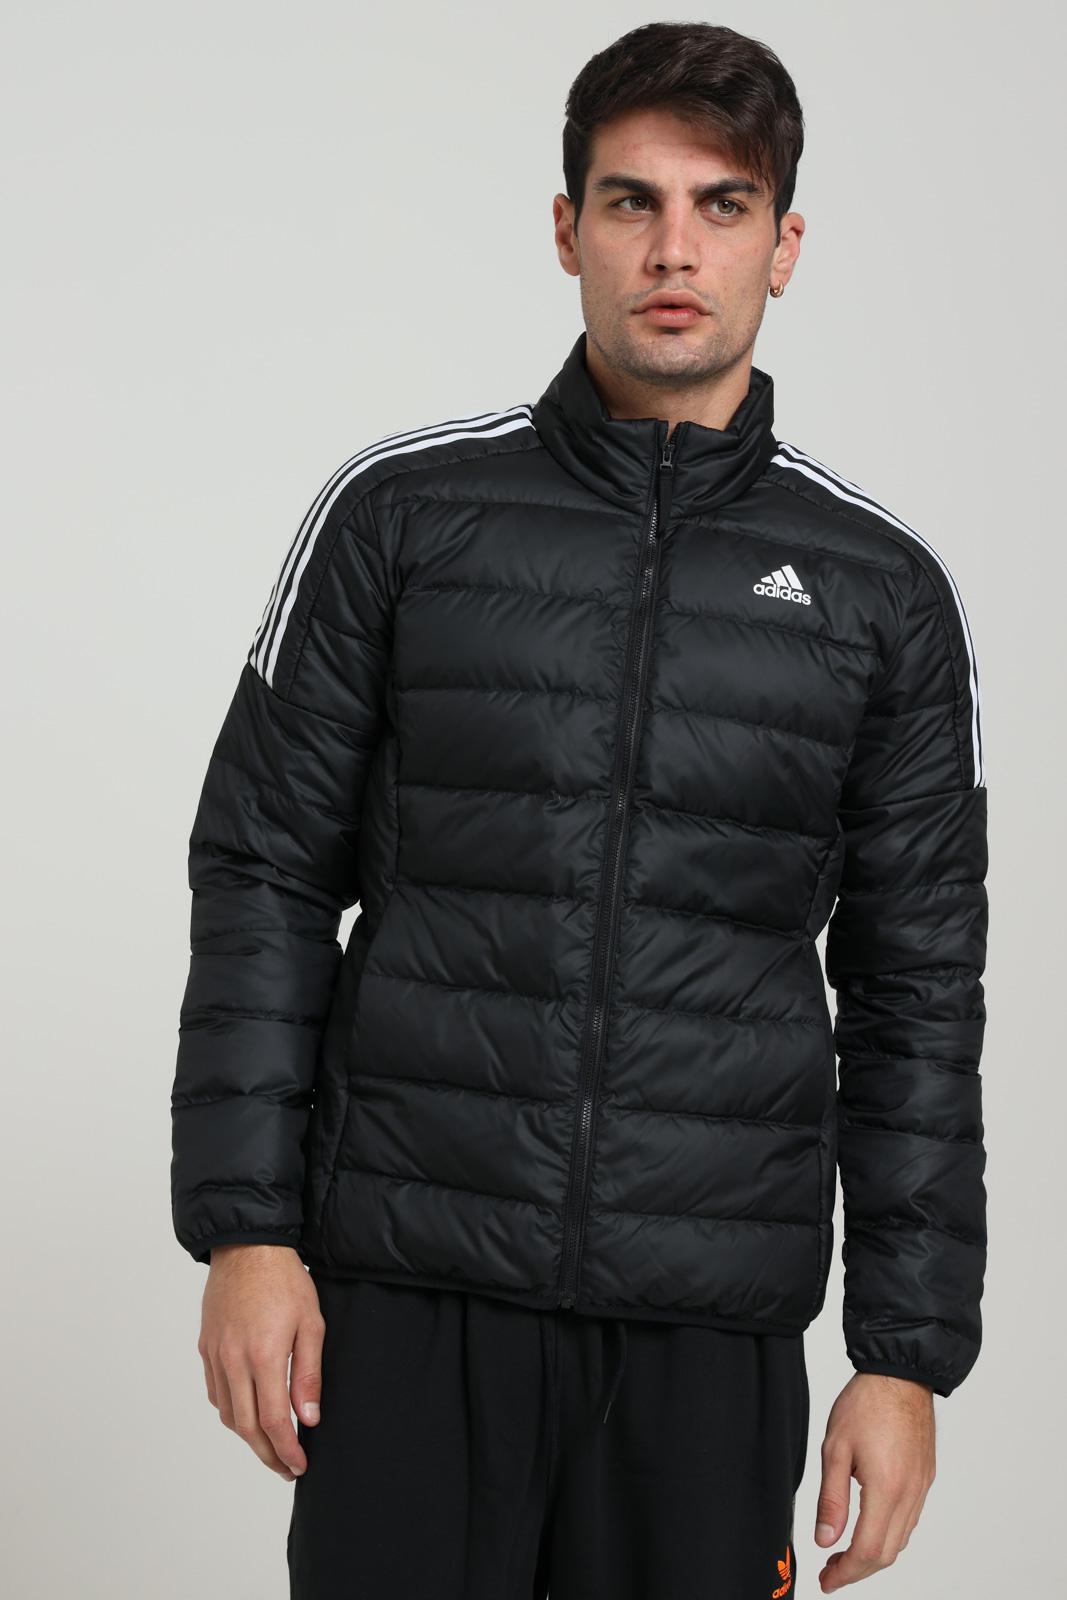 ADIDAS | Jacket | GH4593BLACK